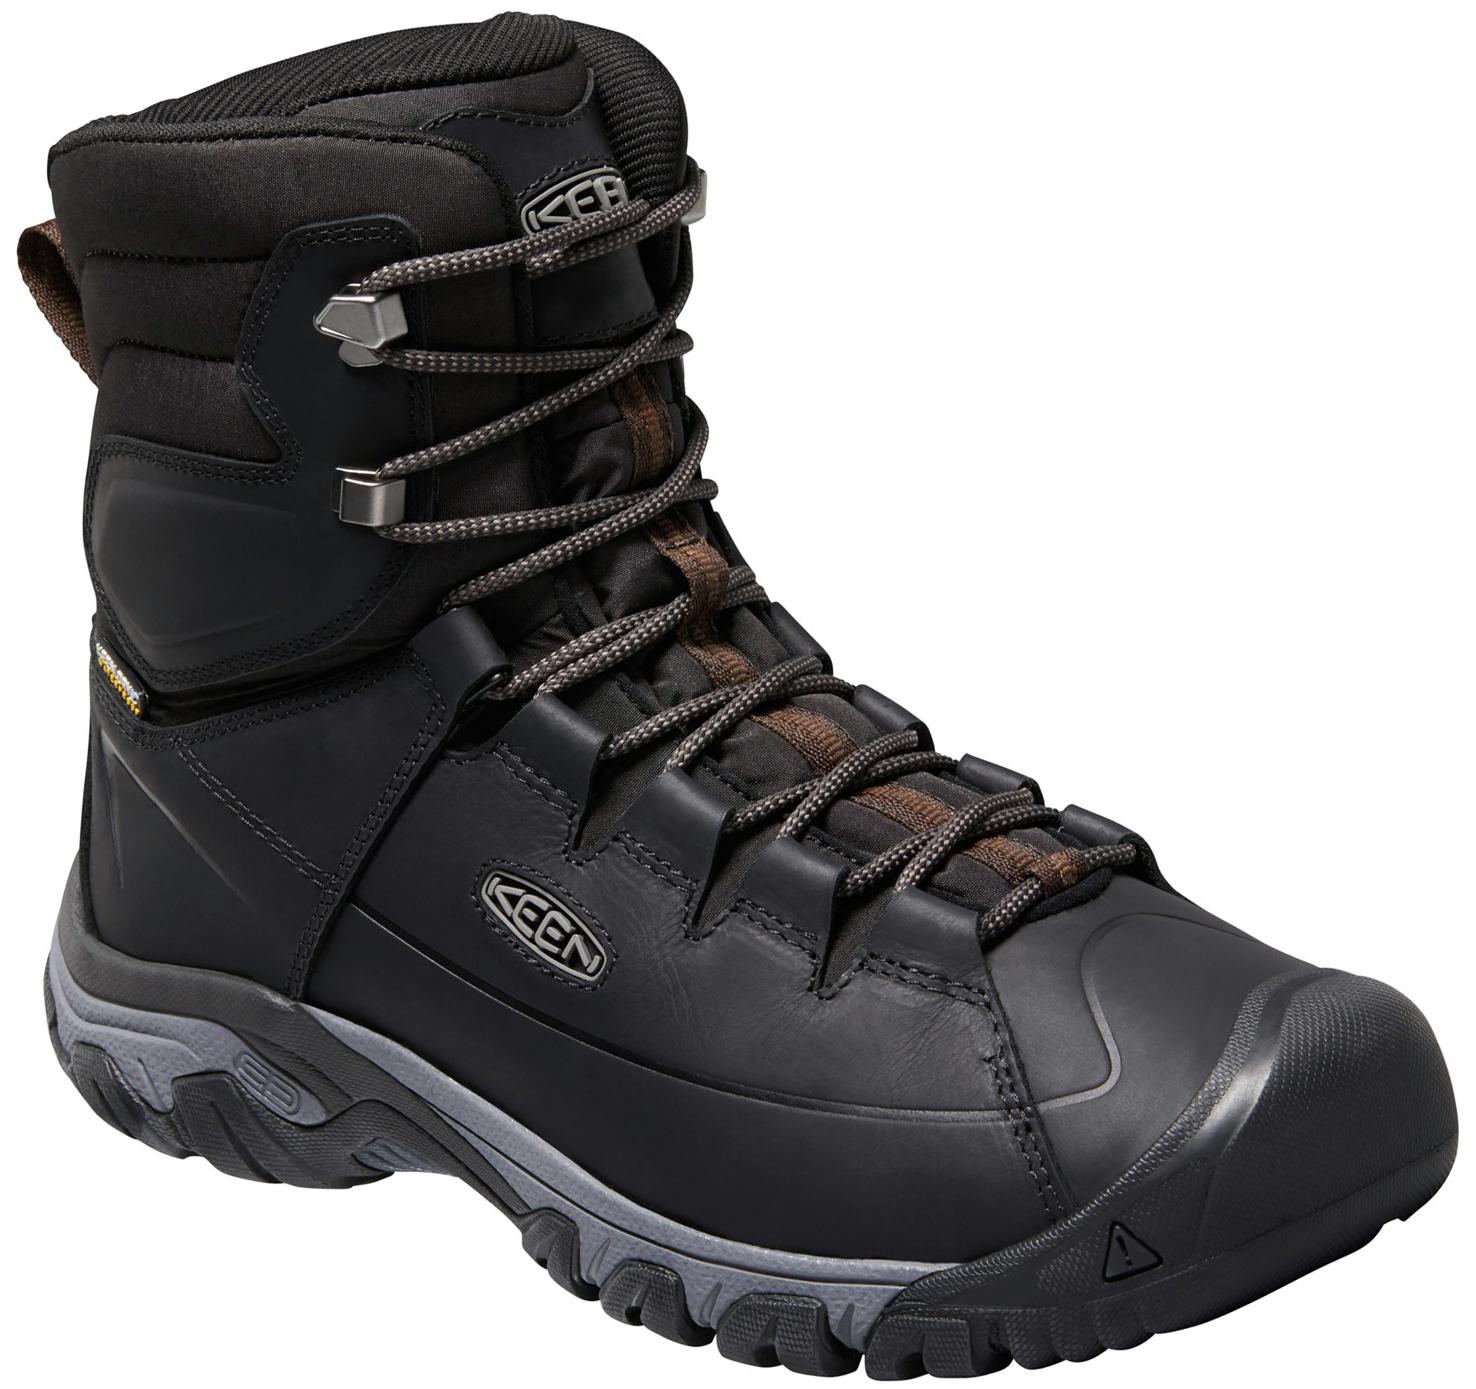 Keen Targhee Lace High Winter Boots